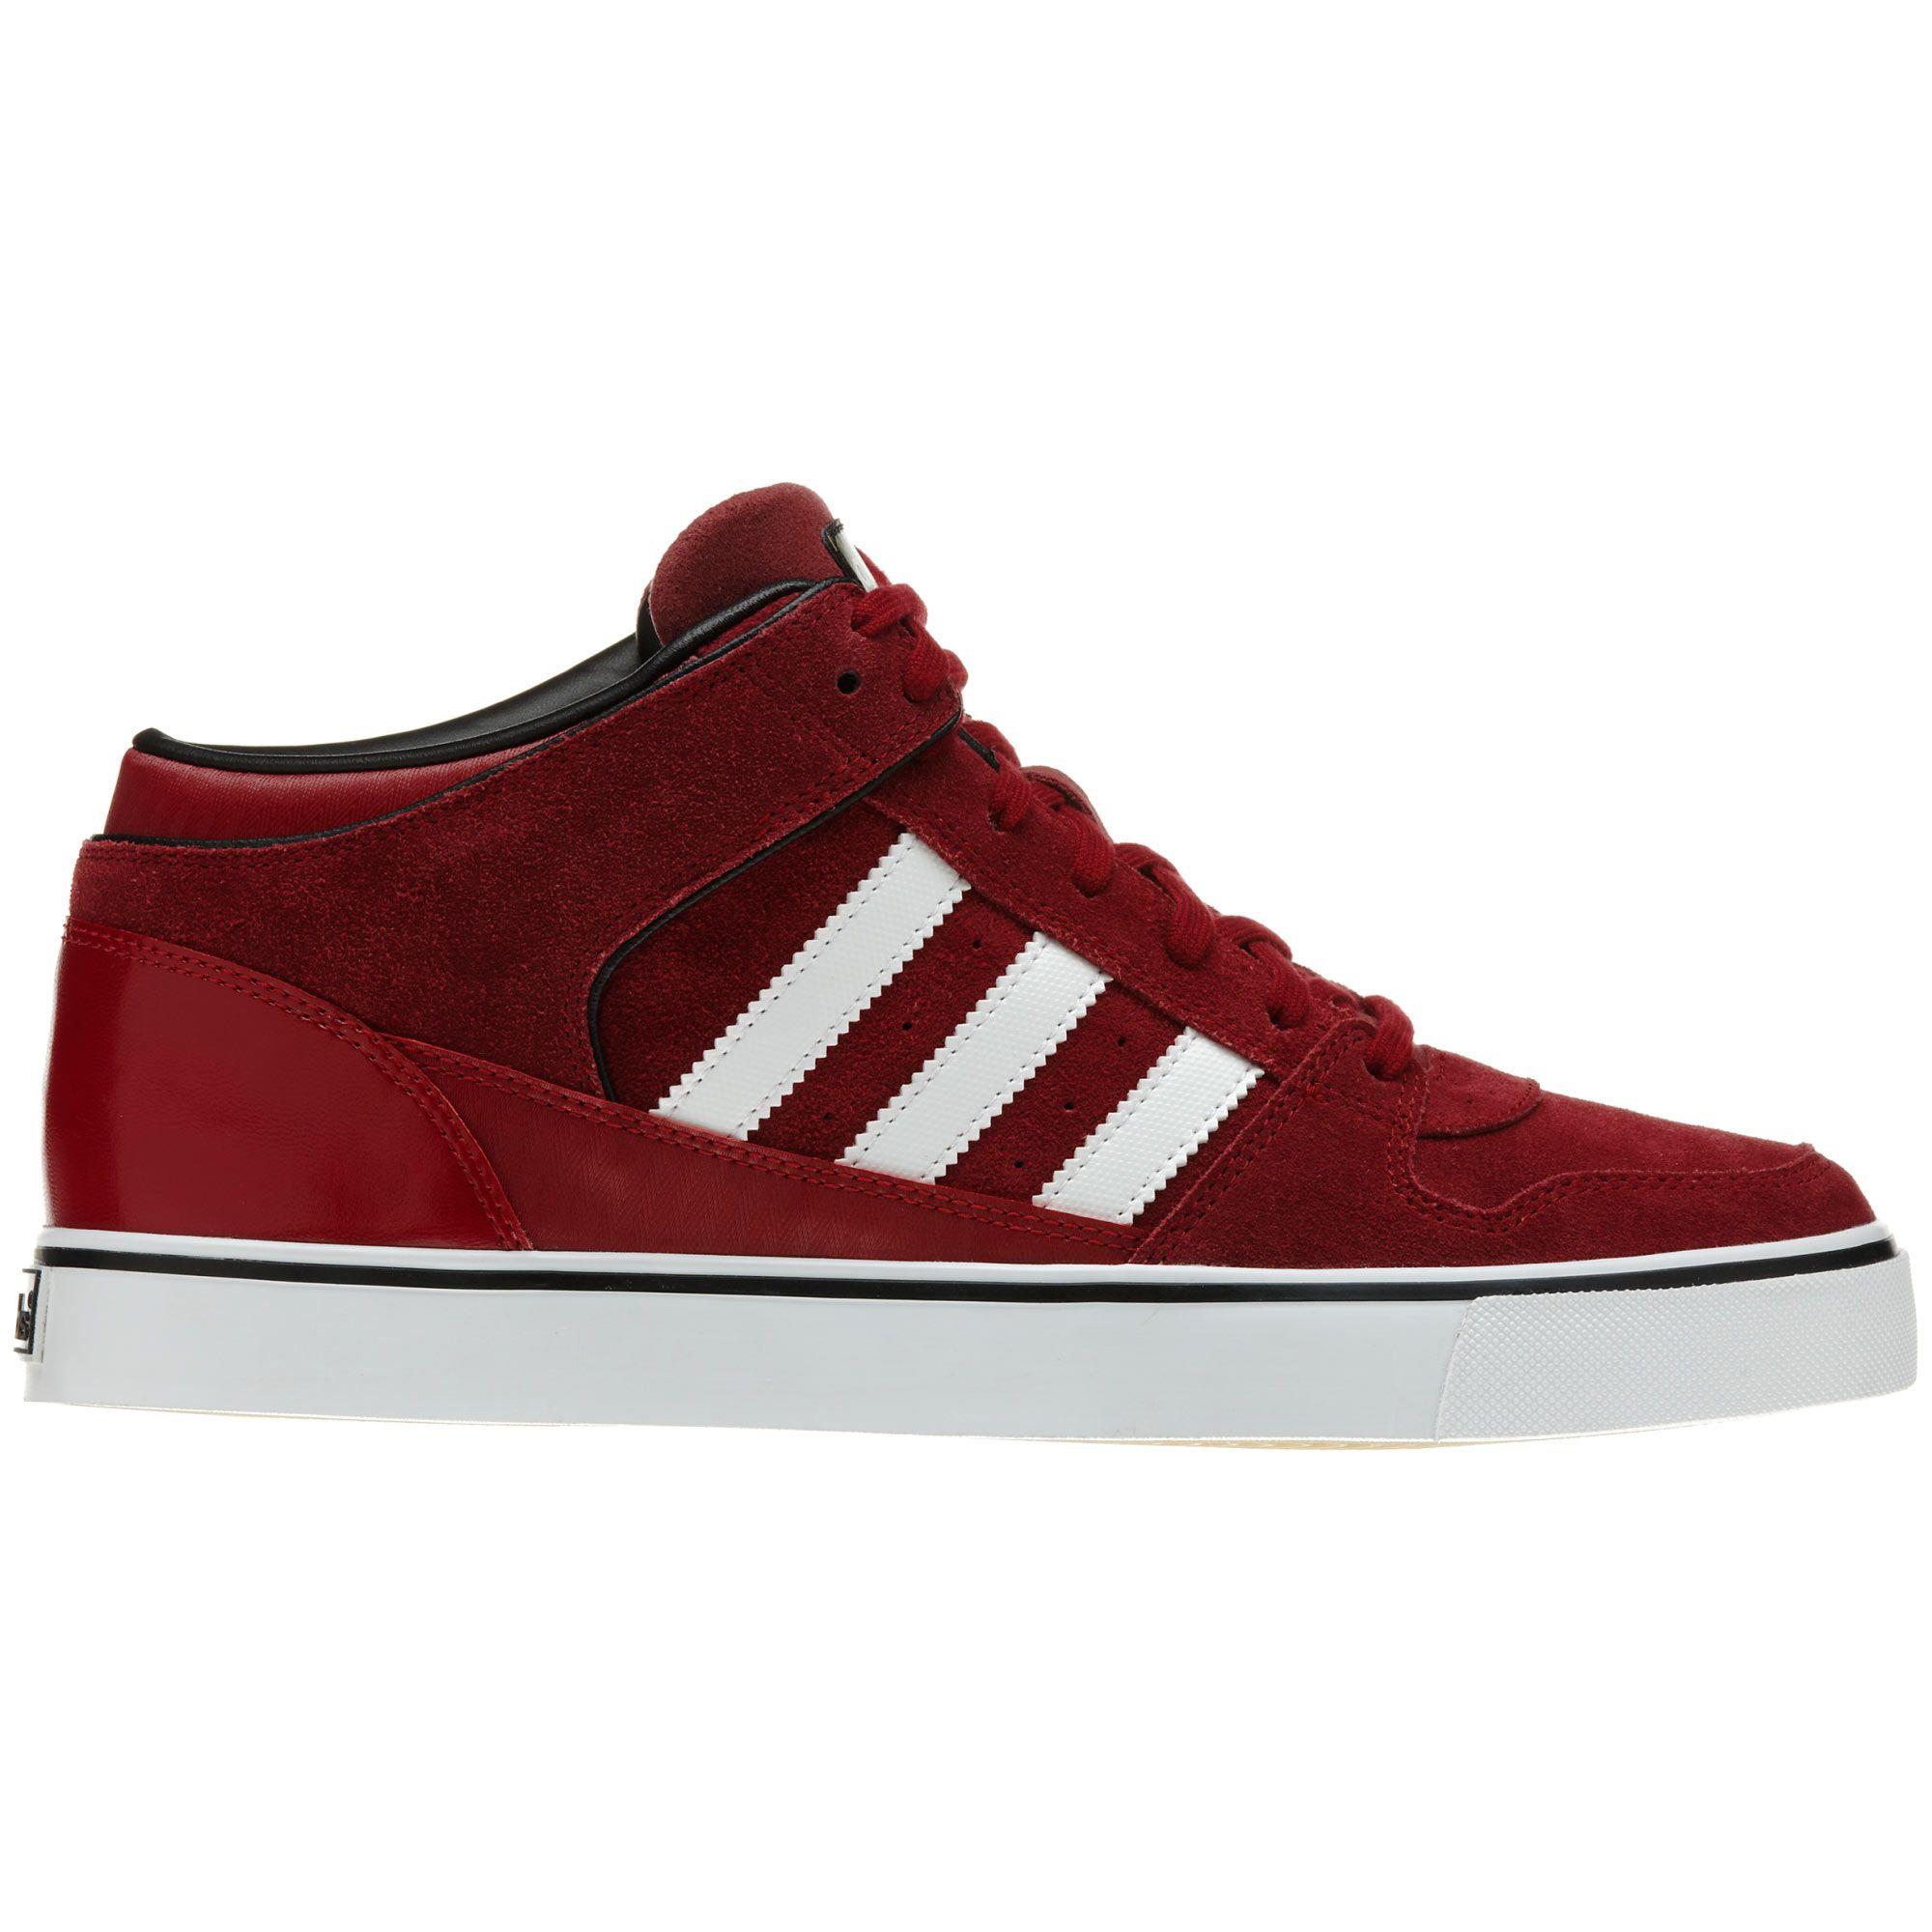 Découvre notre collection de chaussures pour hommes sur adidas.fr. Des  baskets aux chaussures de sport, il y en a pour tous les goûts ! Baskets  ADIDAS HOMME 83530745800a